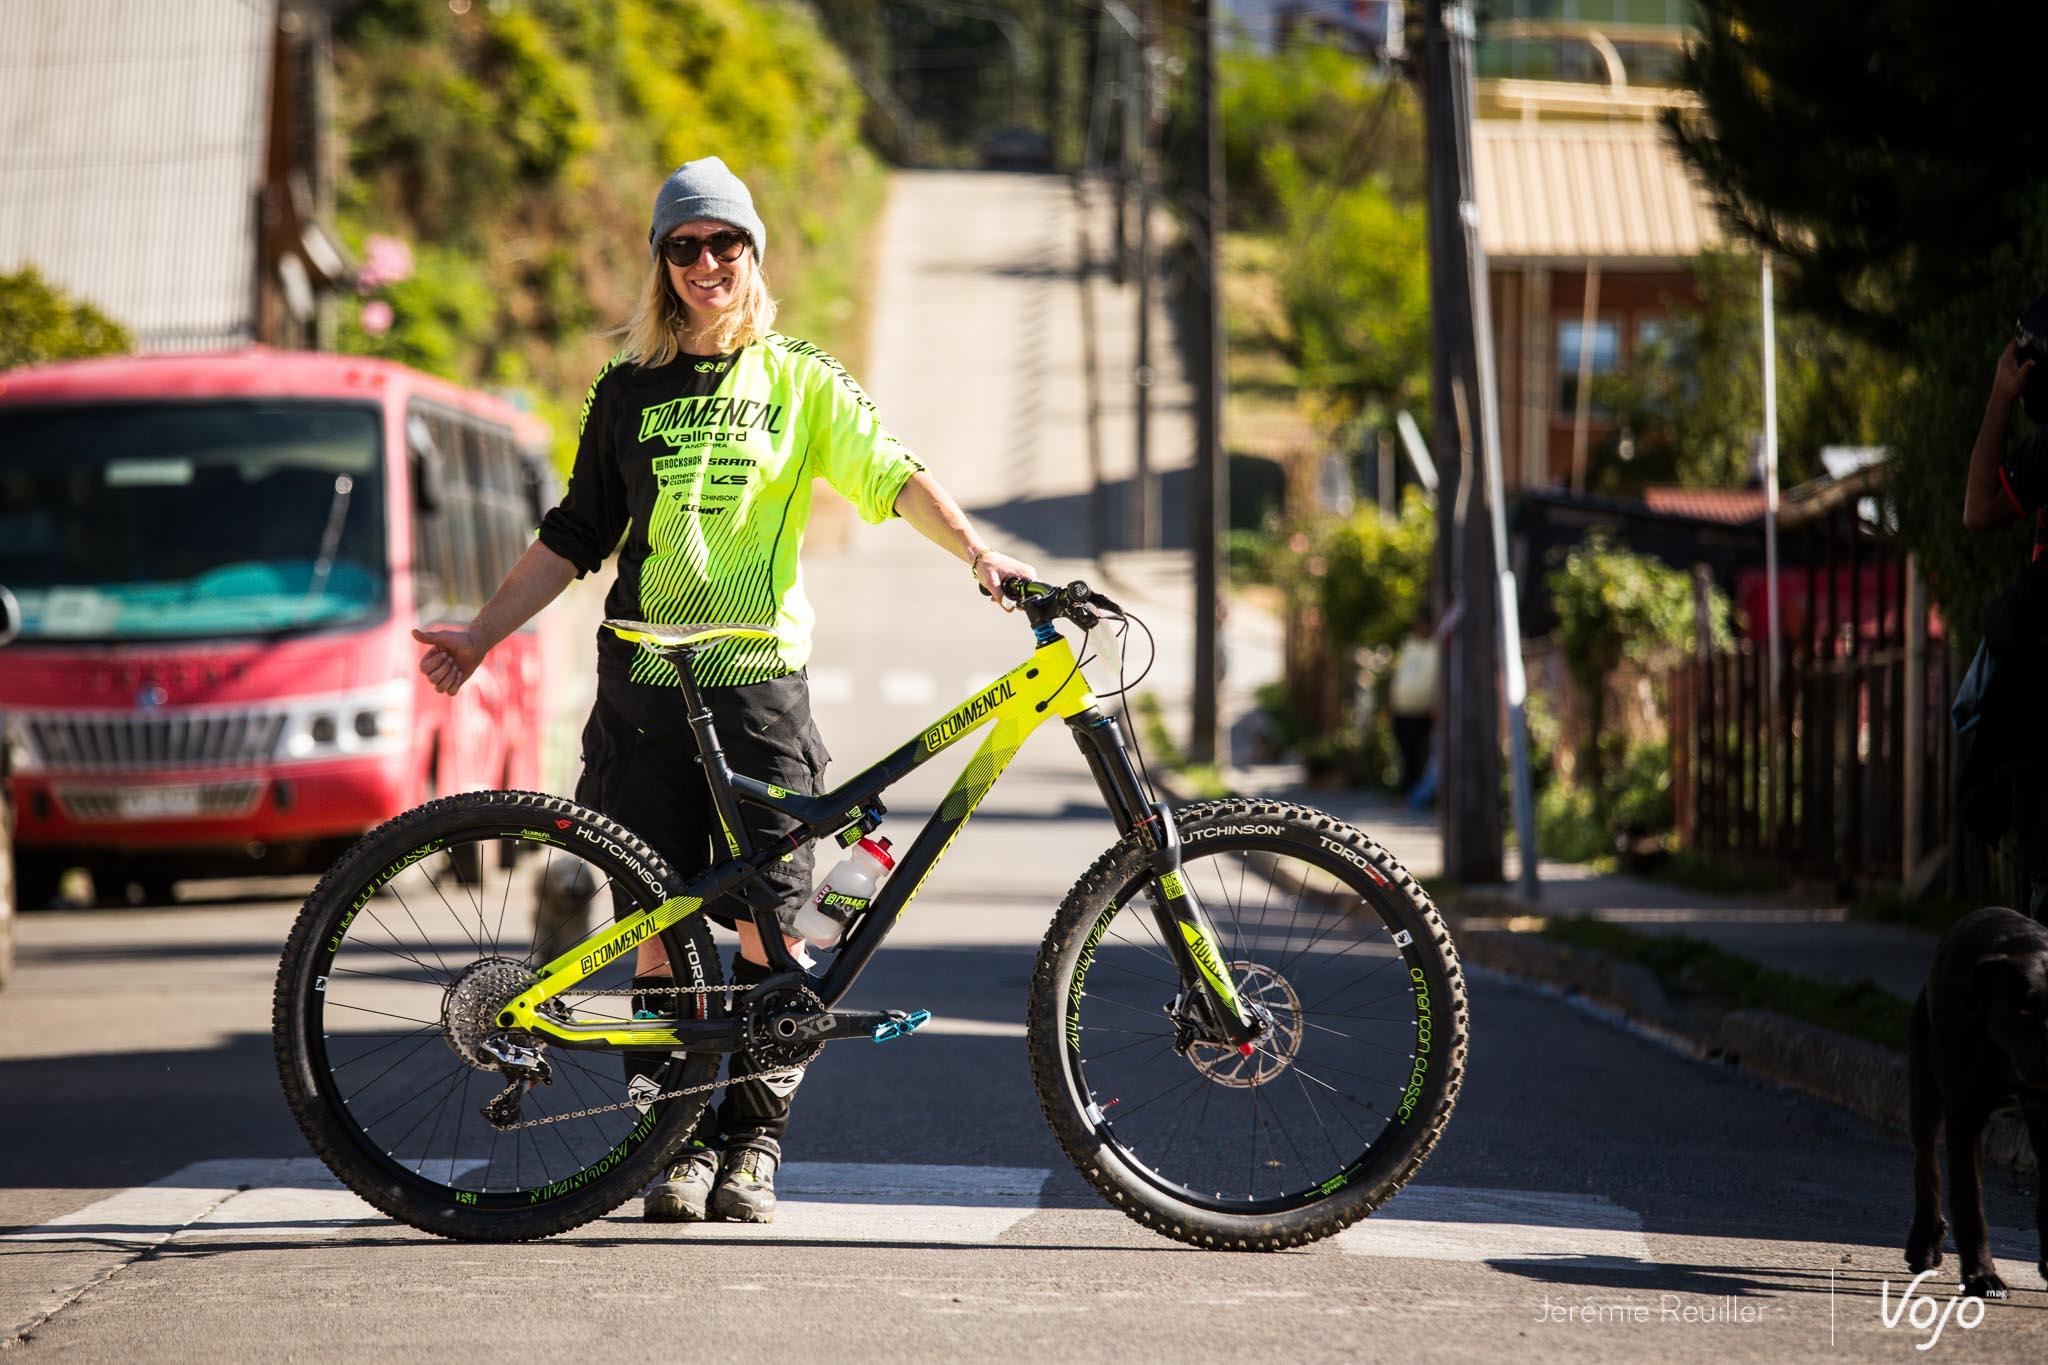 Bike_Check_EWS_Cecile_Ravanel_Copyright_Reuiller_Vojomag-1